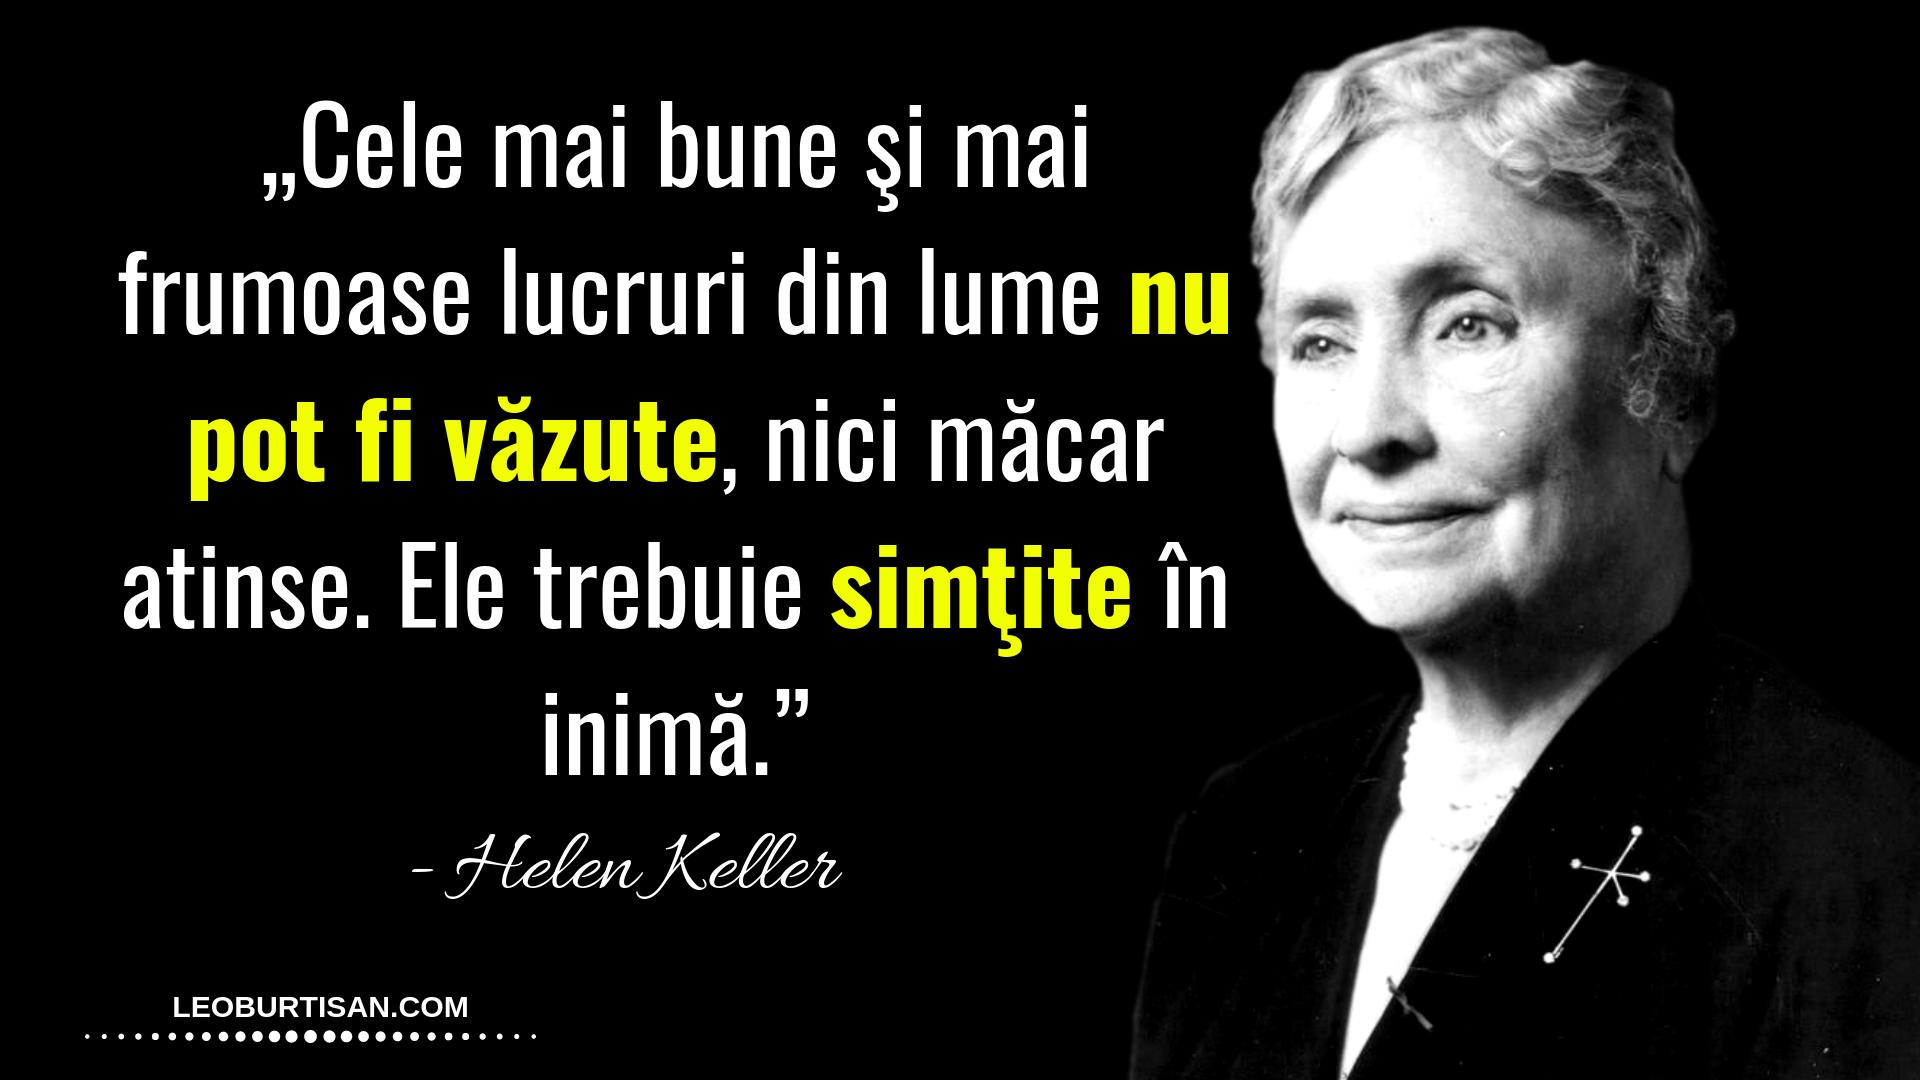 Helen Keller - 13 Citate Despre Fericire, Viziune Și Scop În Viață